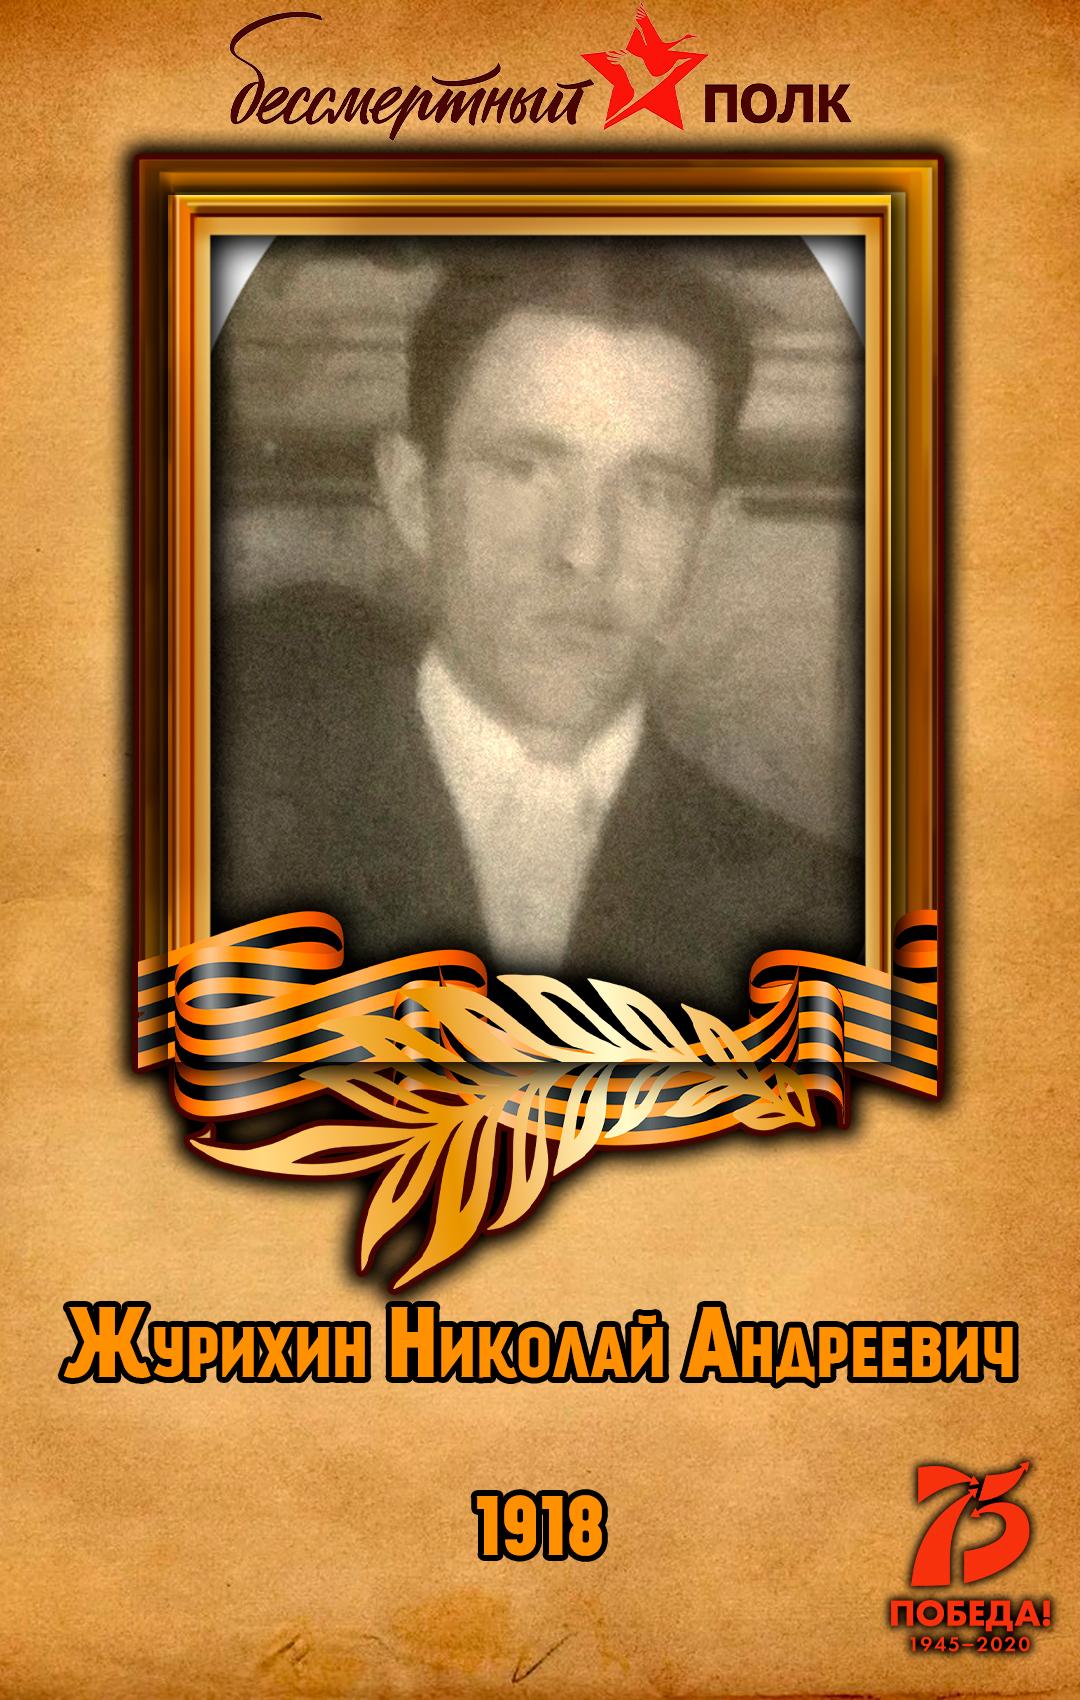 Журихин-Николай-Андреевич